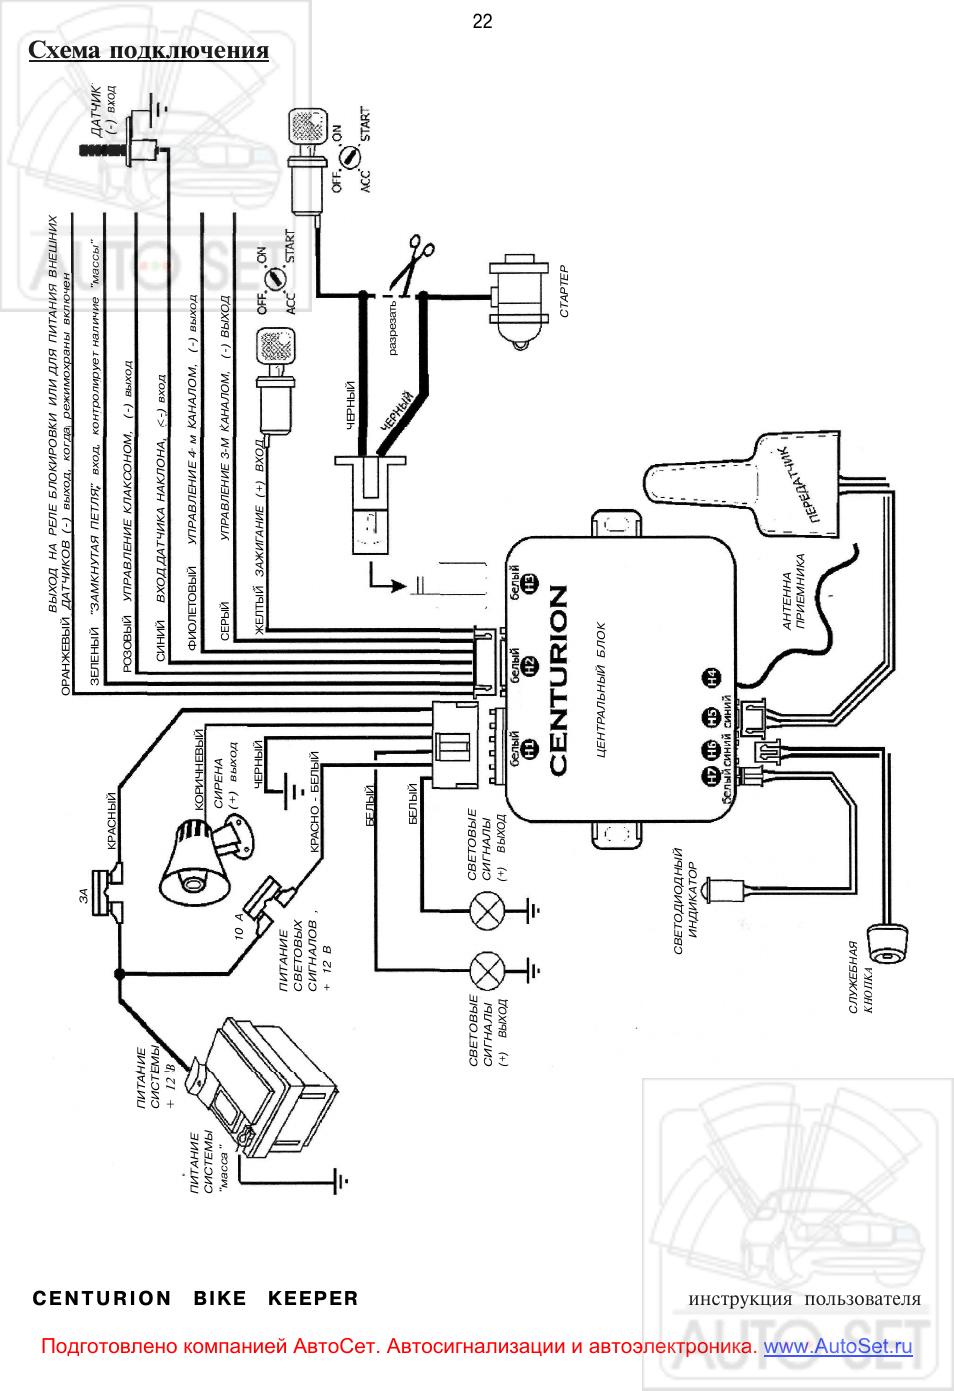 Схема подключения автосигнализации centurion фото